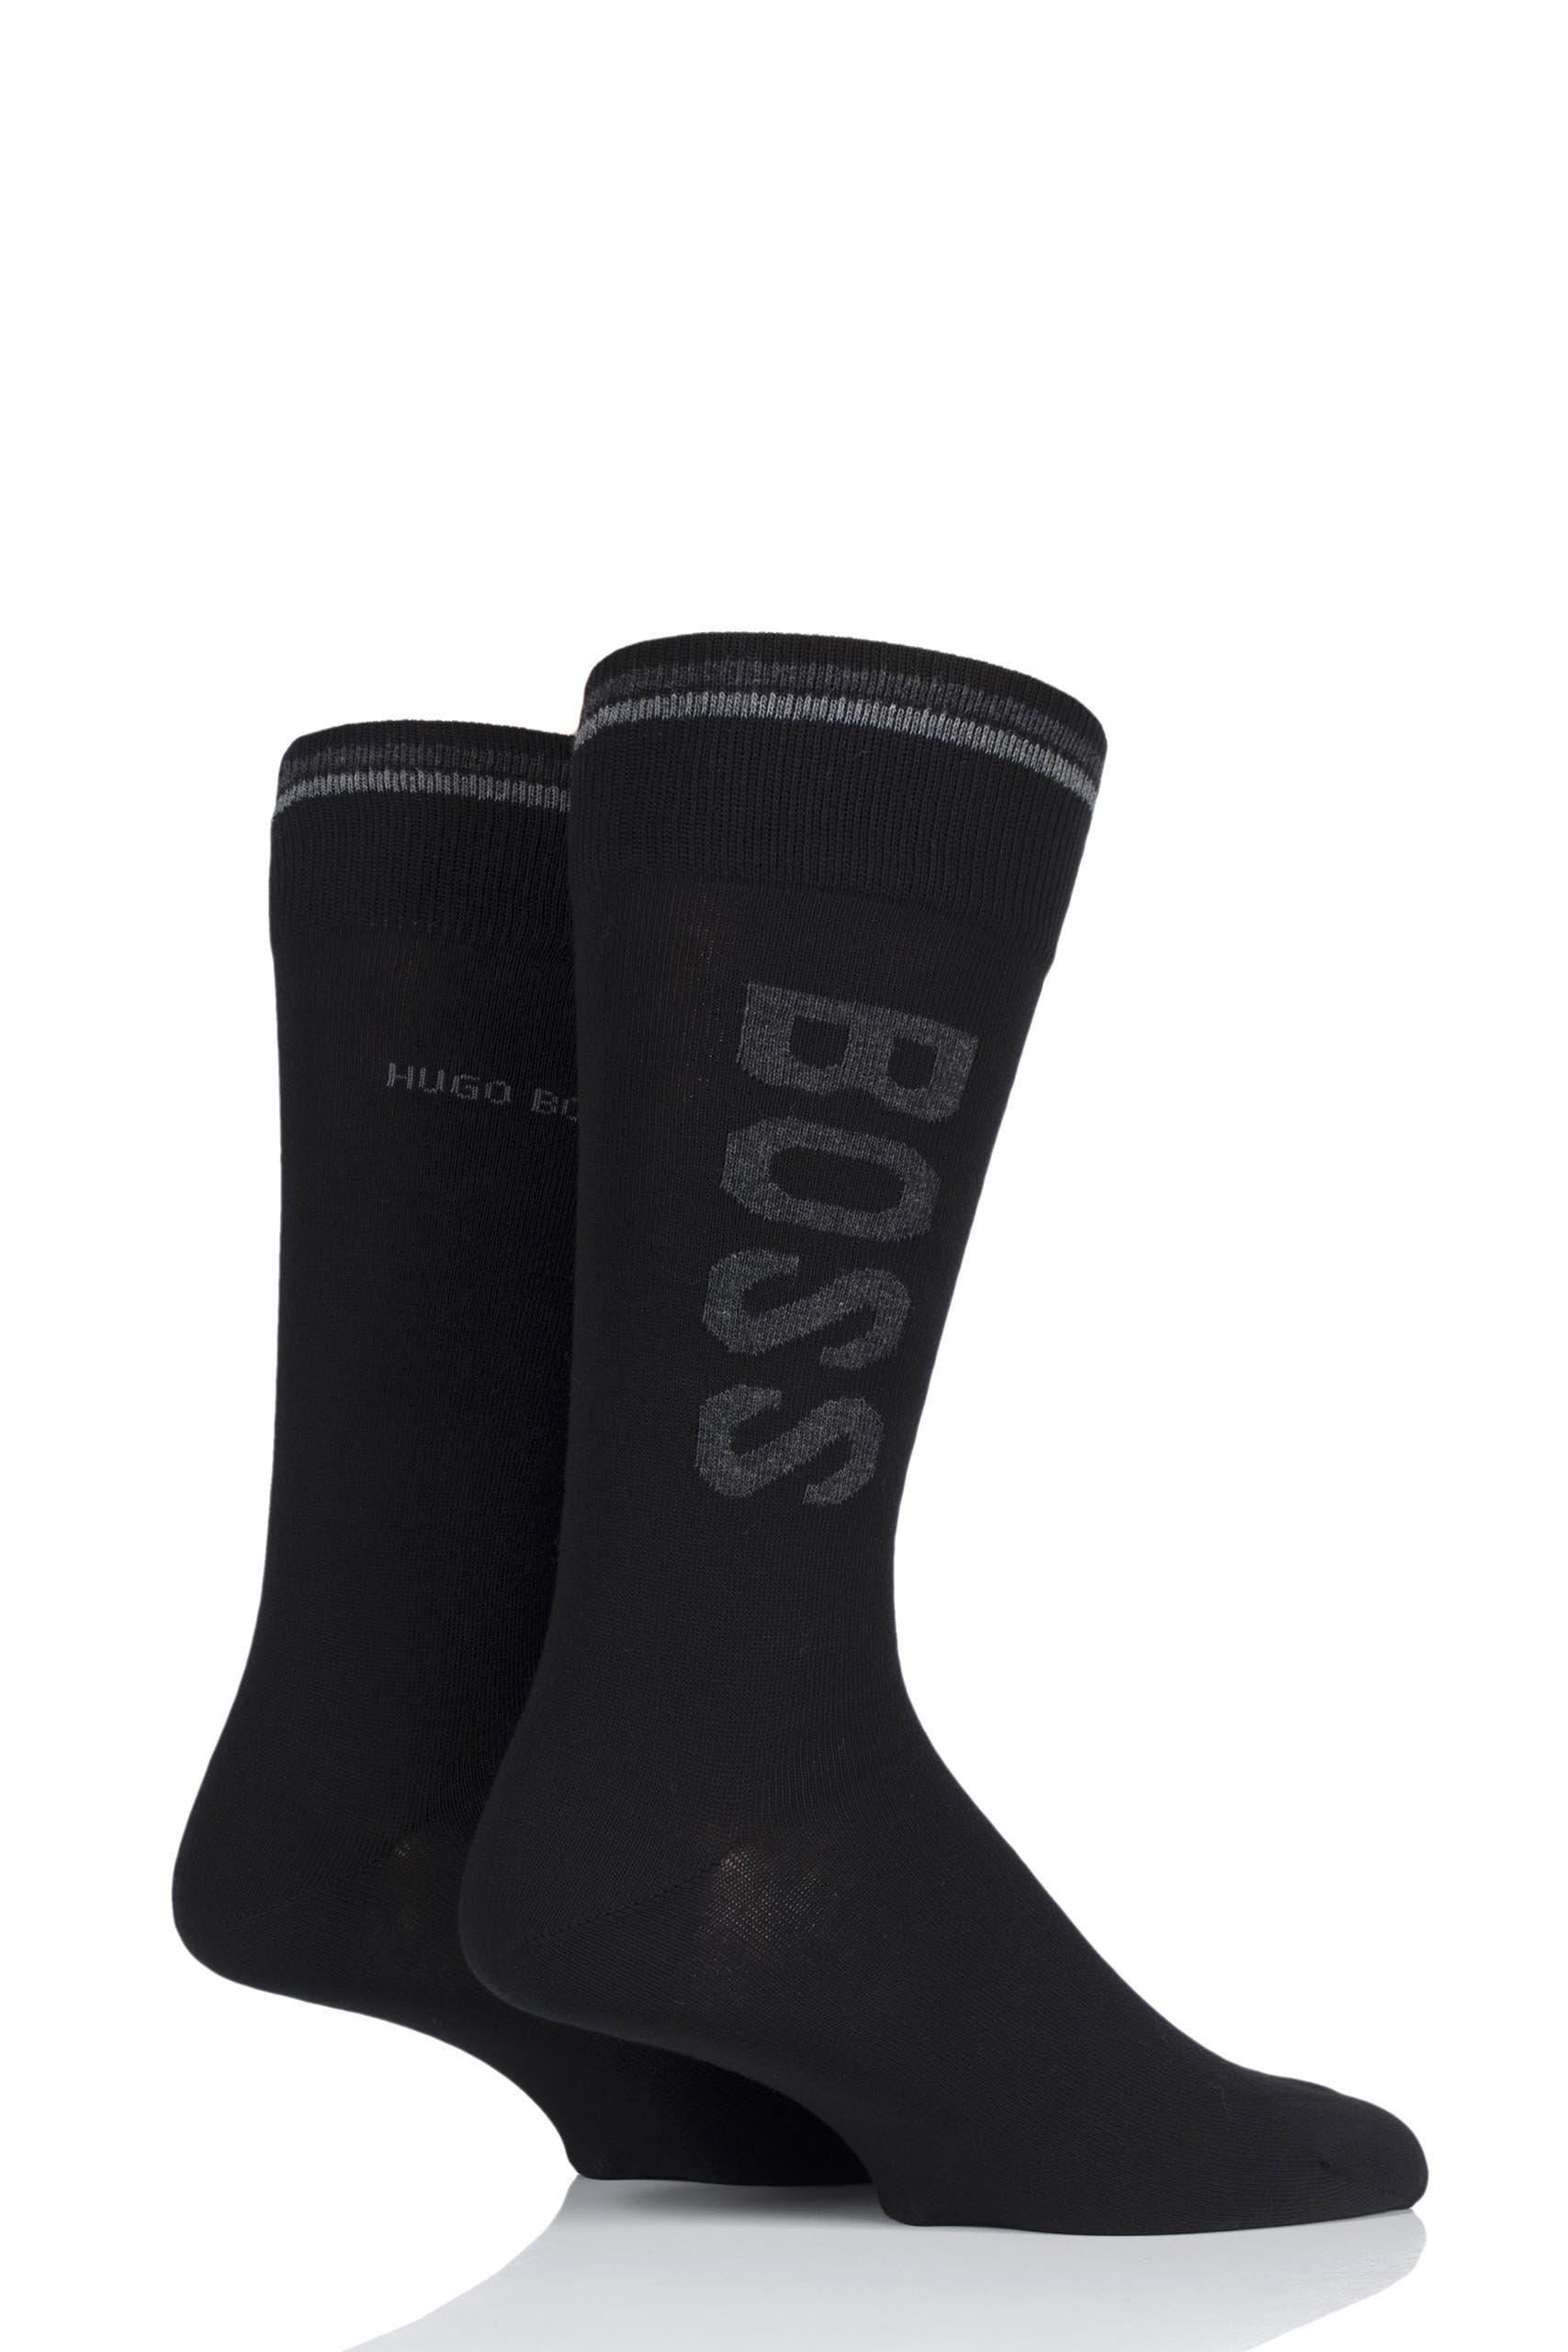 Hugo Boss Mens 50392491 Combed Cotton Boss Logo Socks Pack of 2 Black 9-11.5